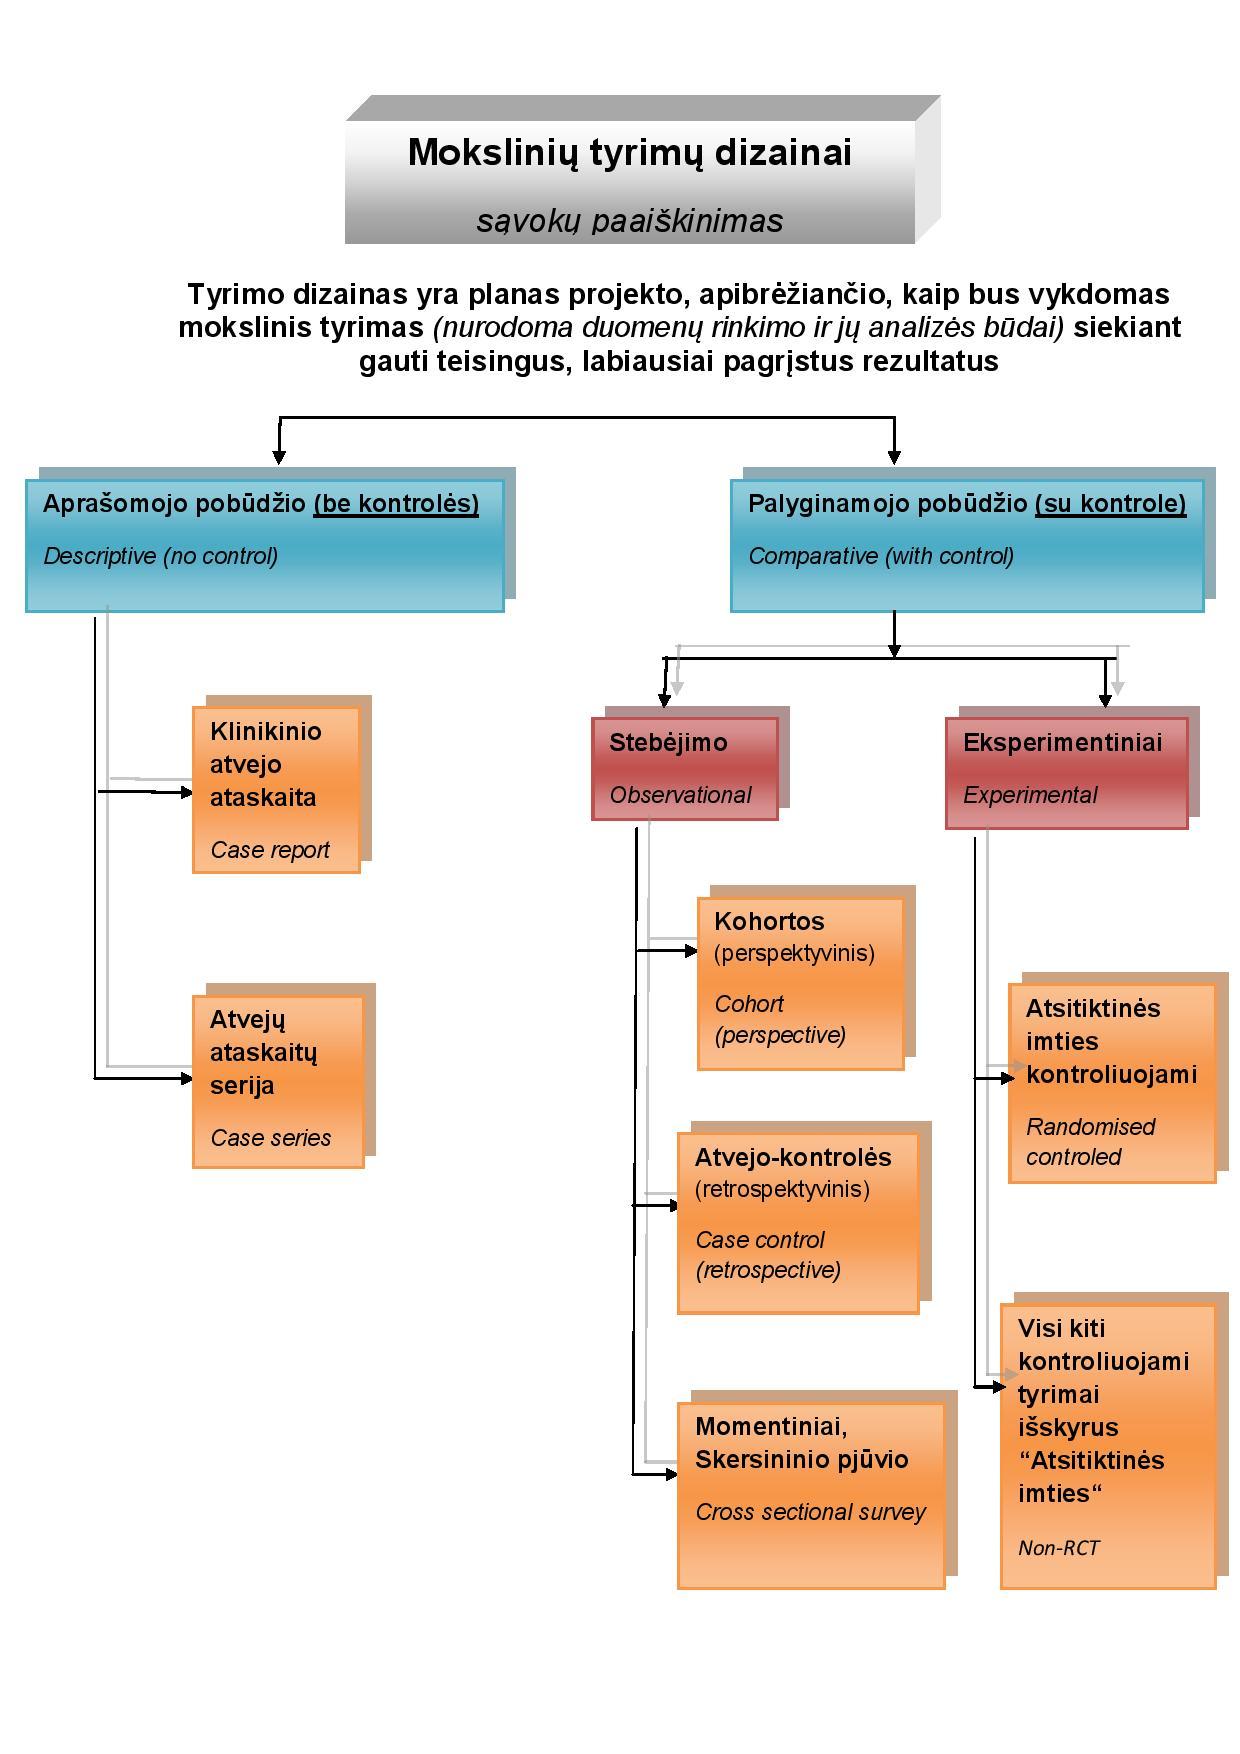 literatūros apžvalgos slaugos paieškos strategija mt5 prekybos signalai